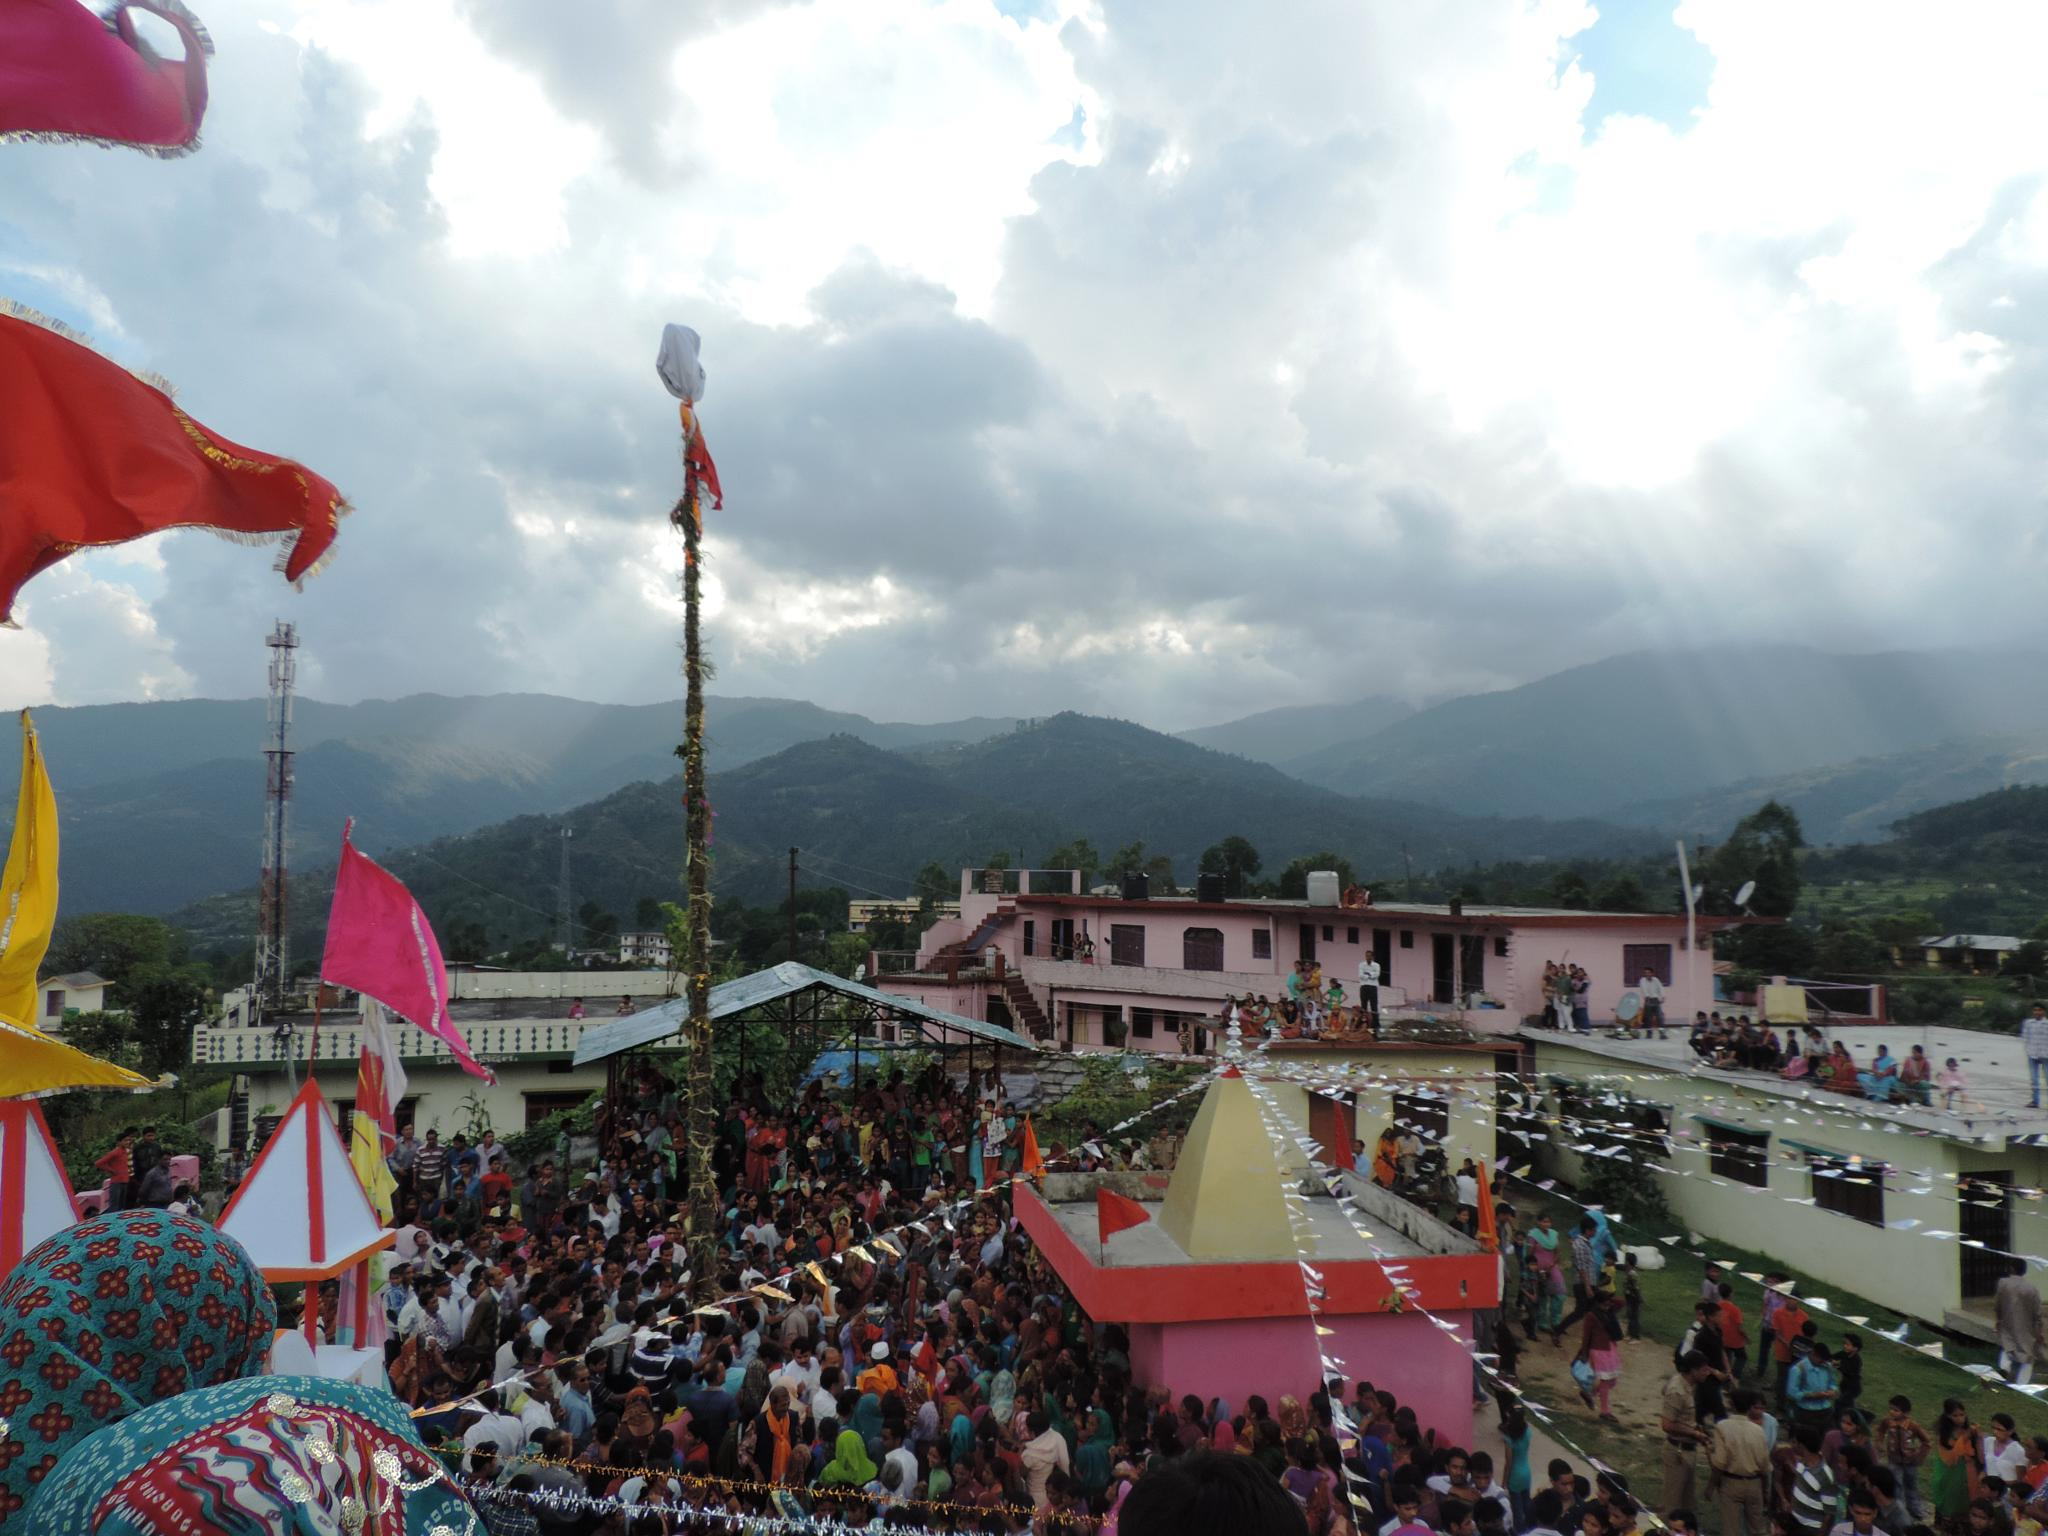 festival#uttarakhand#joy#mountains by MeghaBhatt